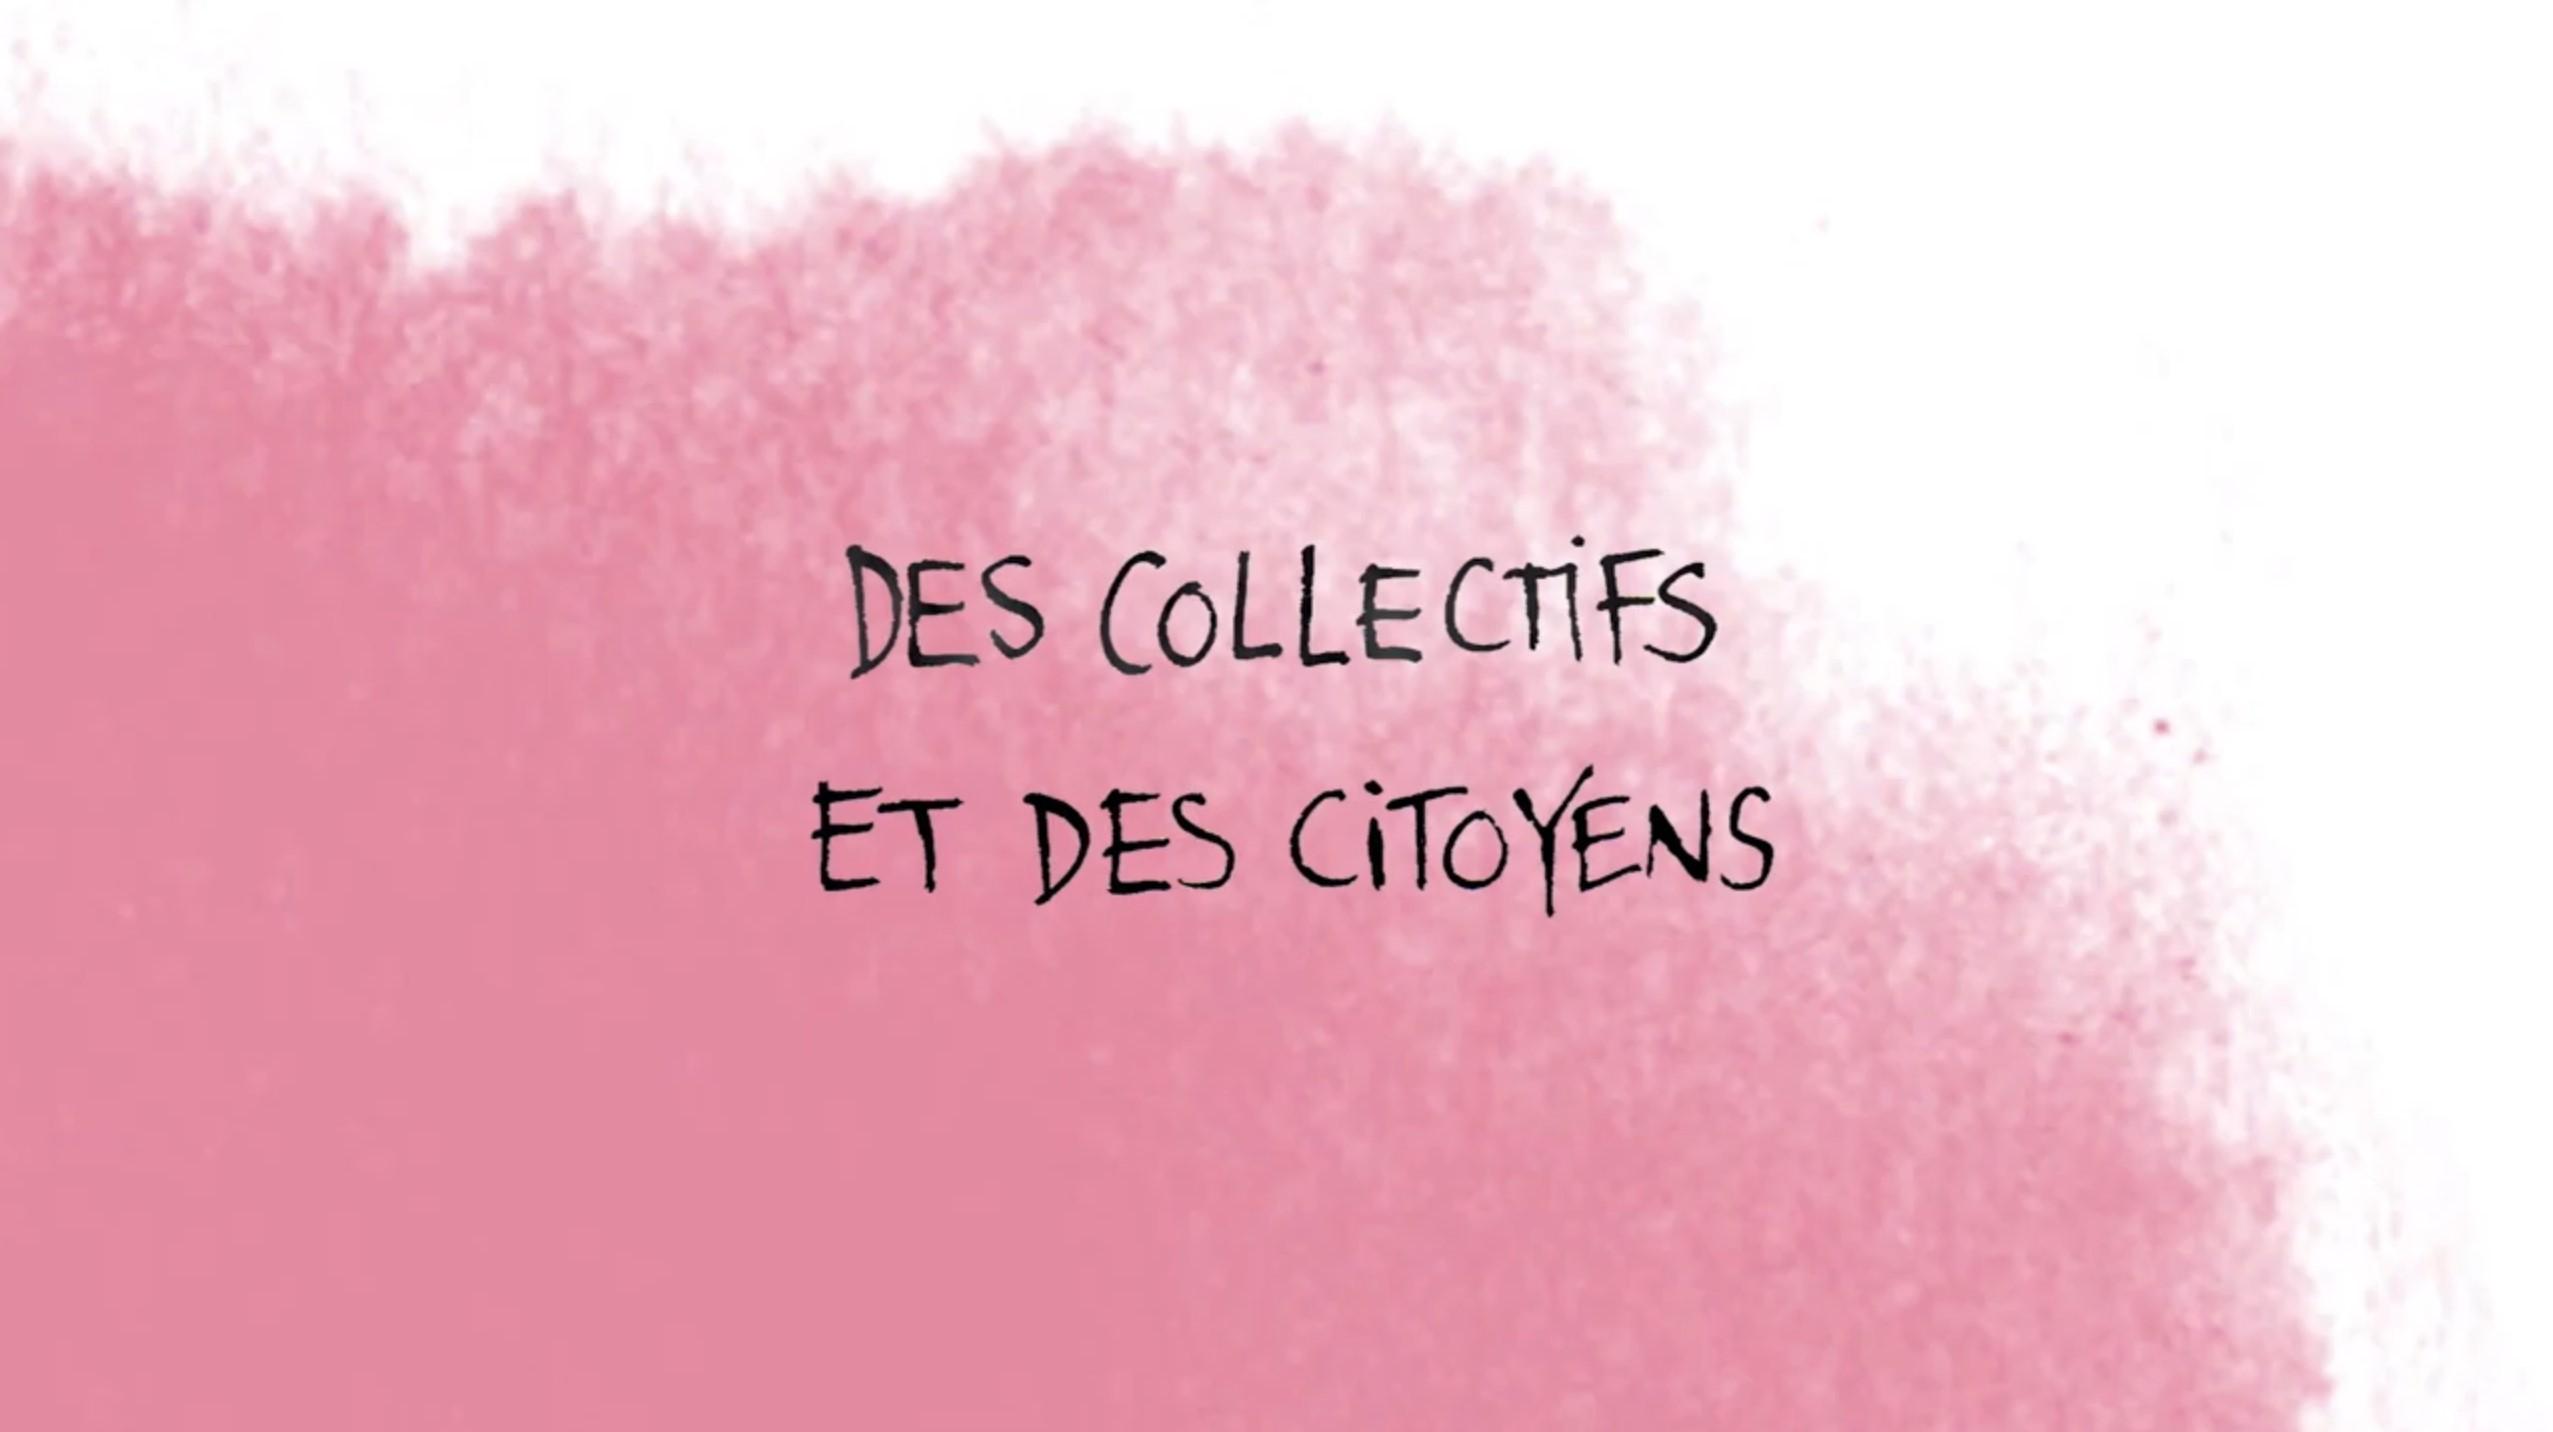 Des collectifs et des citoyens